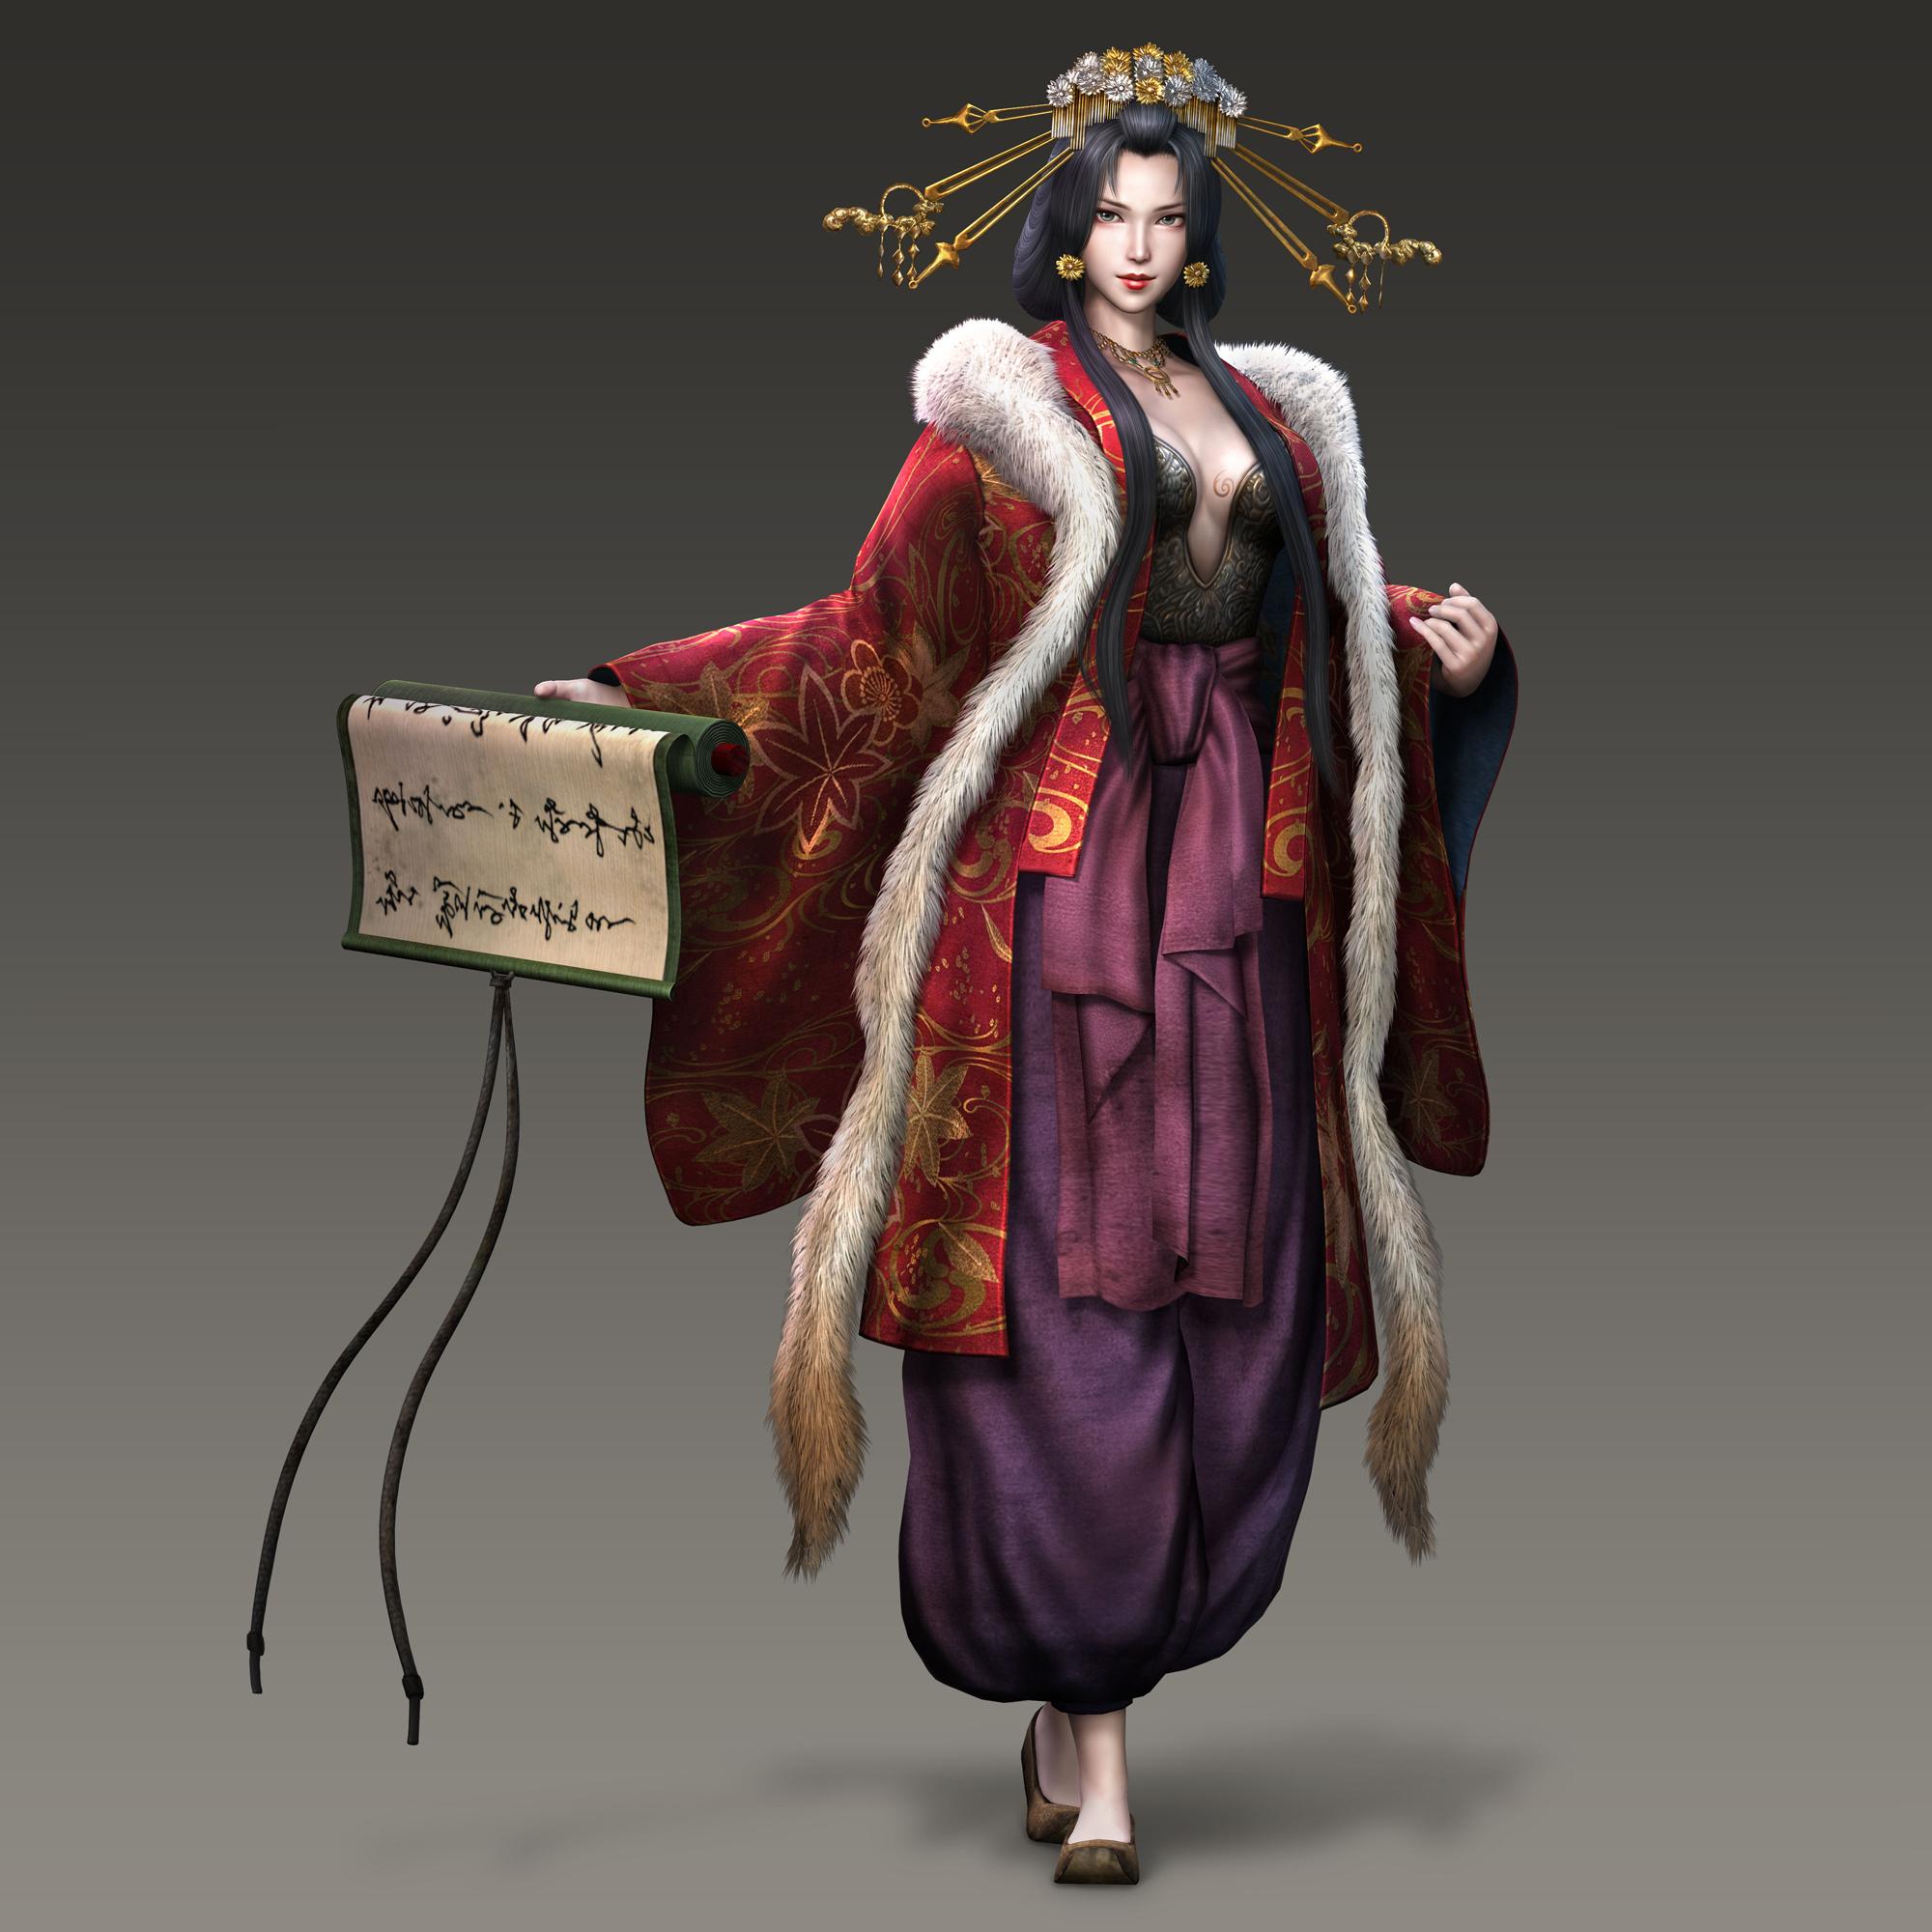 Samurai Orochi: Dynasty Warriors, Samurai